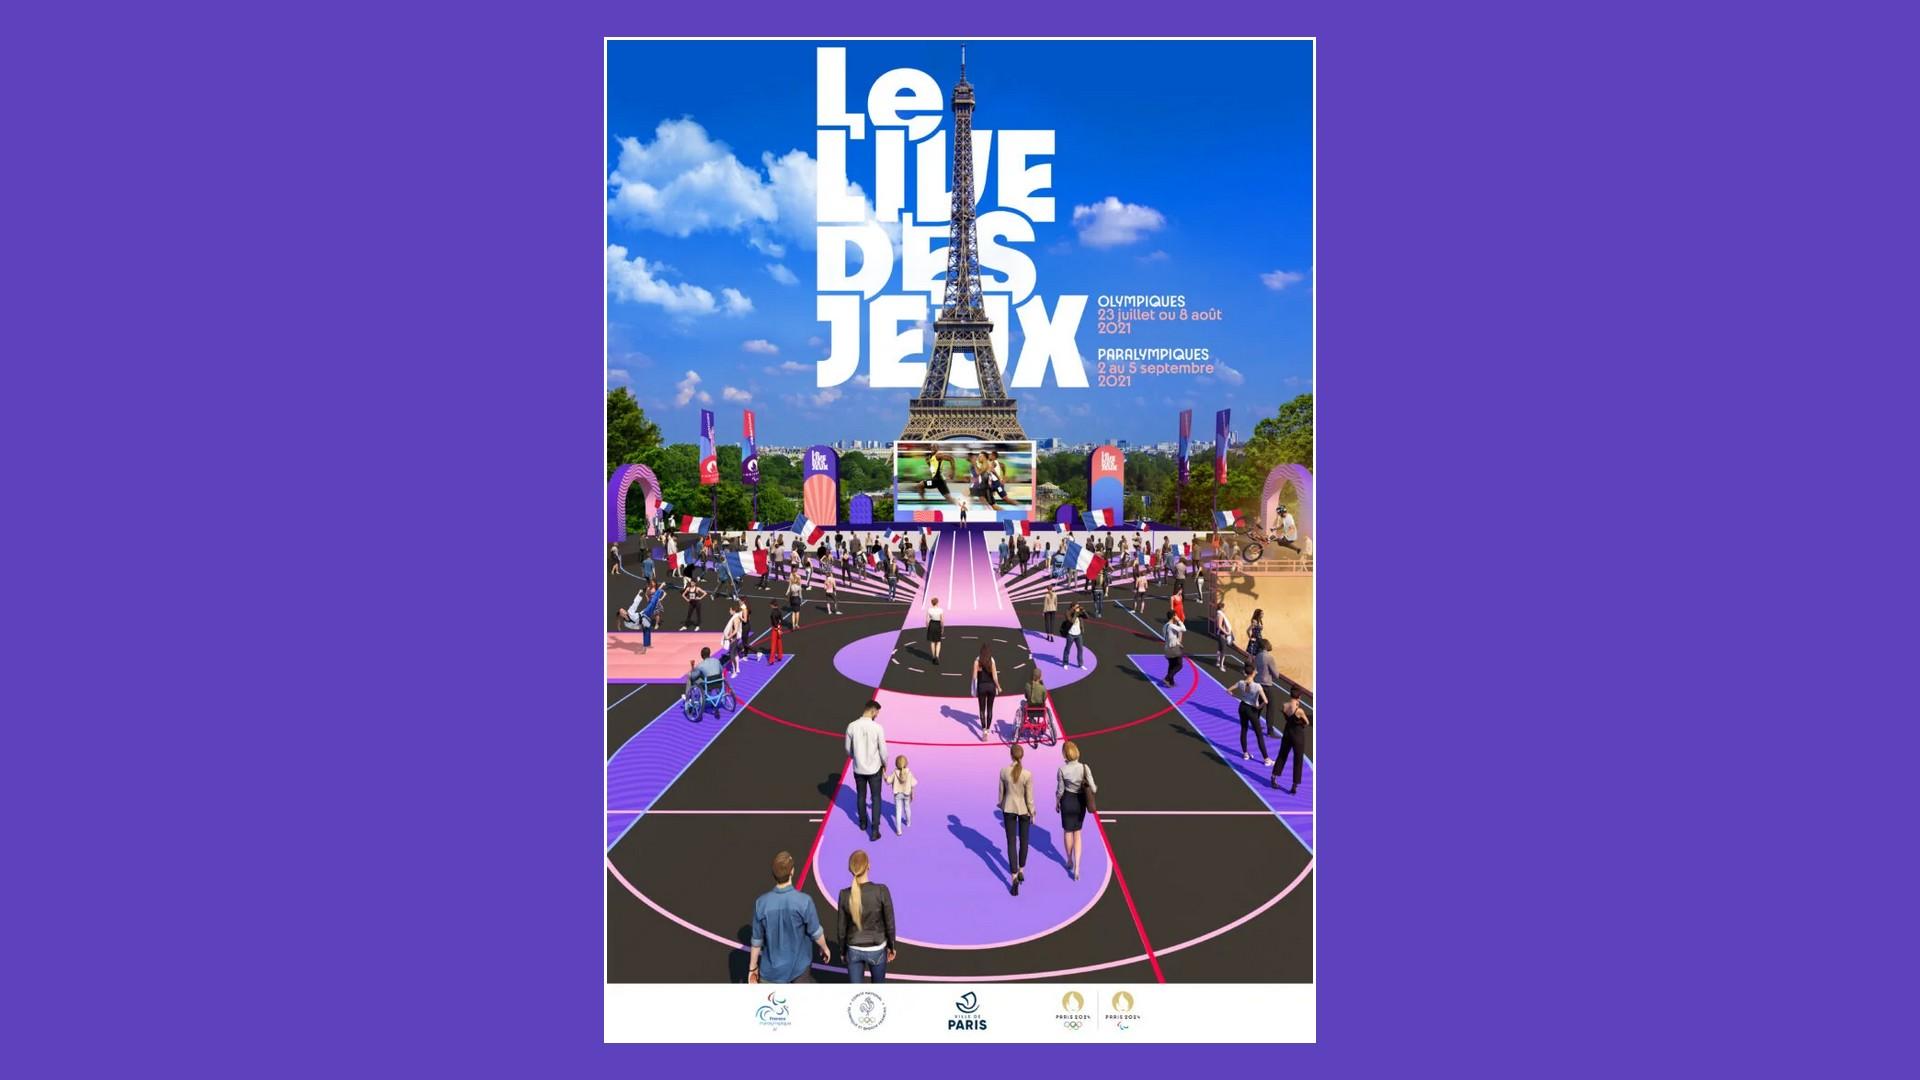 Paris 2024 – Le Live des Jeux (2021) Trocadéro